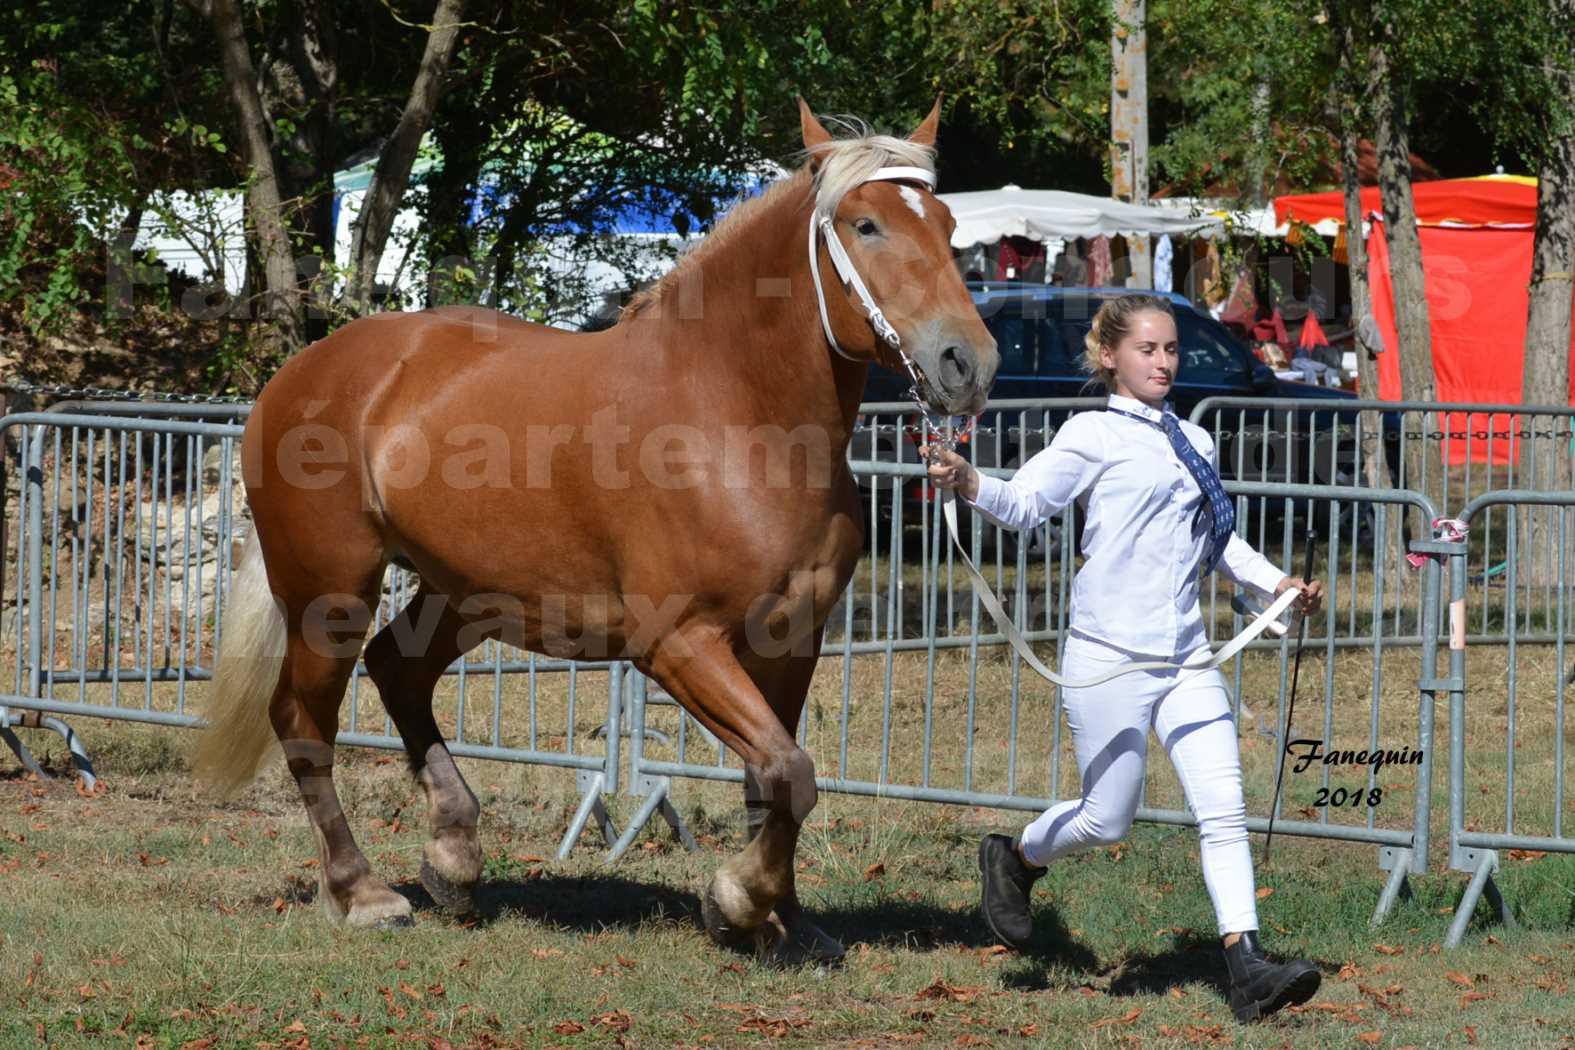 Concours départemental de chevaux de traits à GRAULHET en 2018 - Elevage POUJADE - Notre Sélection - 06